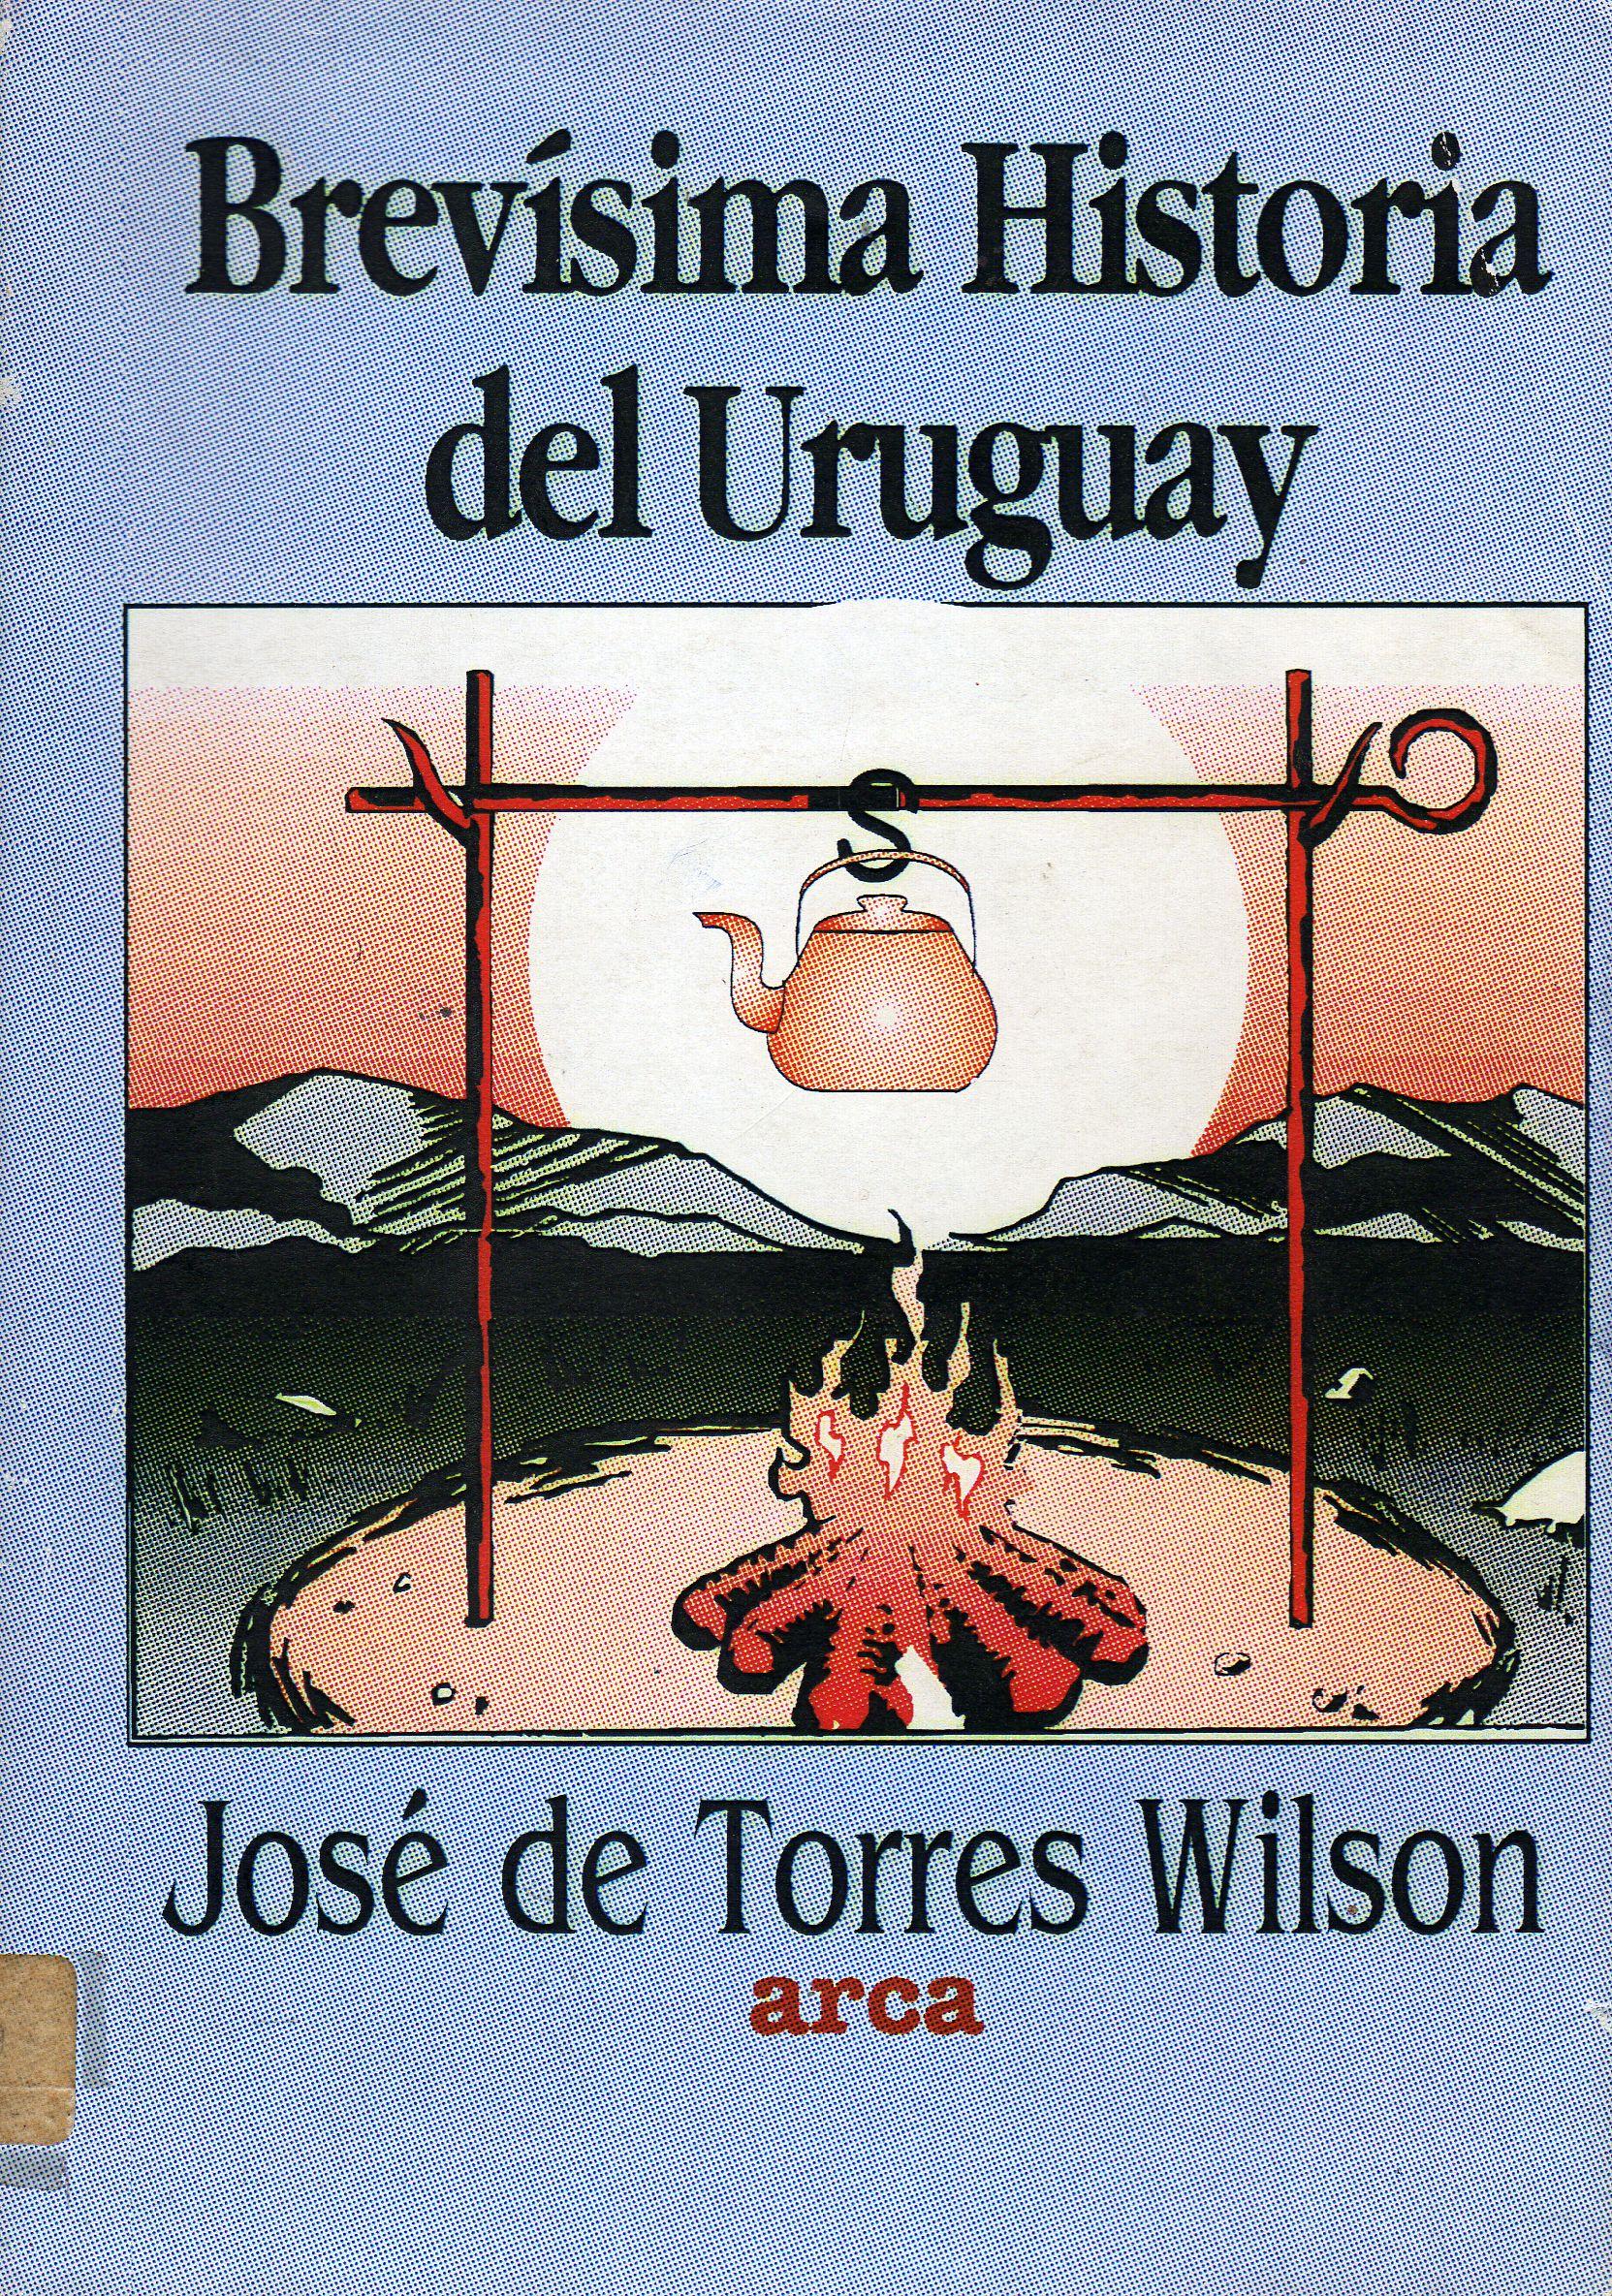 Brevisima Historia del Uruguay